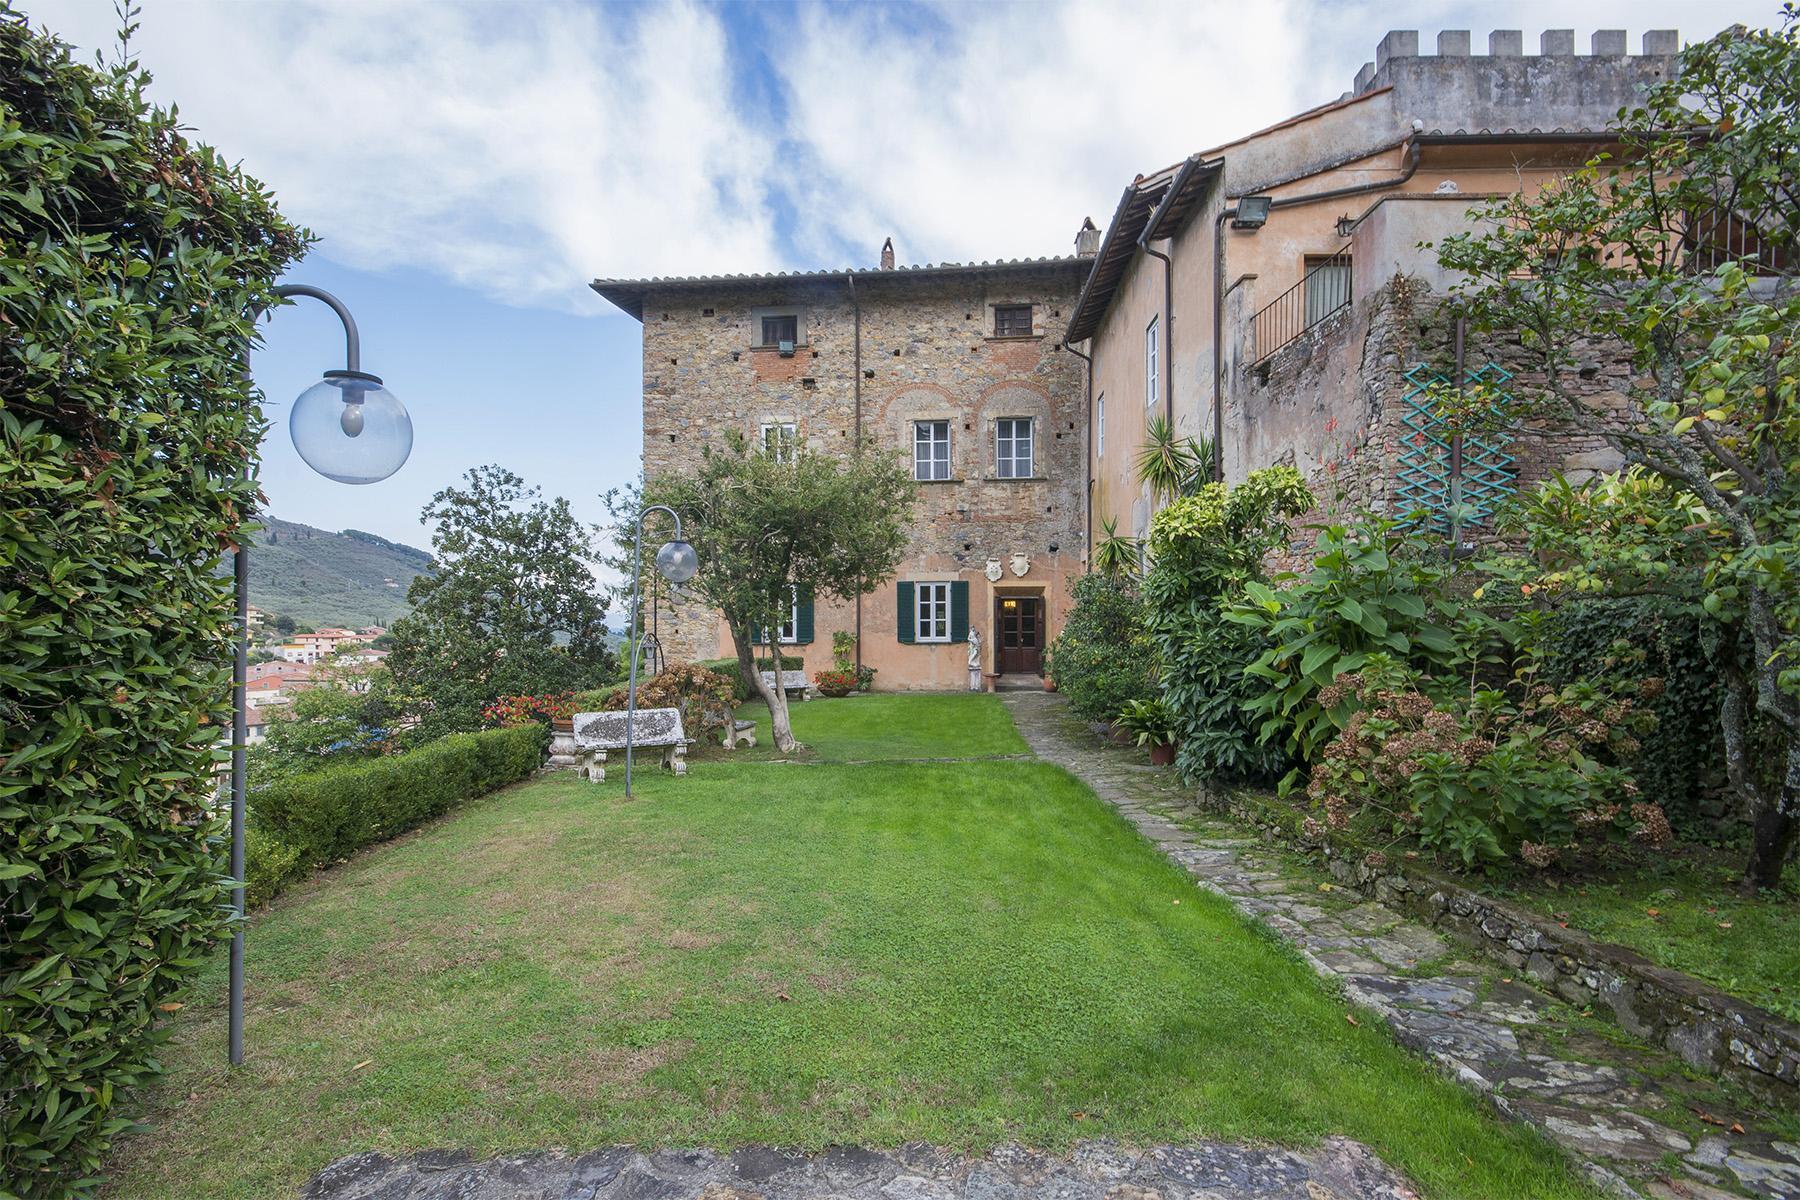 Meravigliosa Villa Medicea sulle colline Pisane - 1